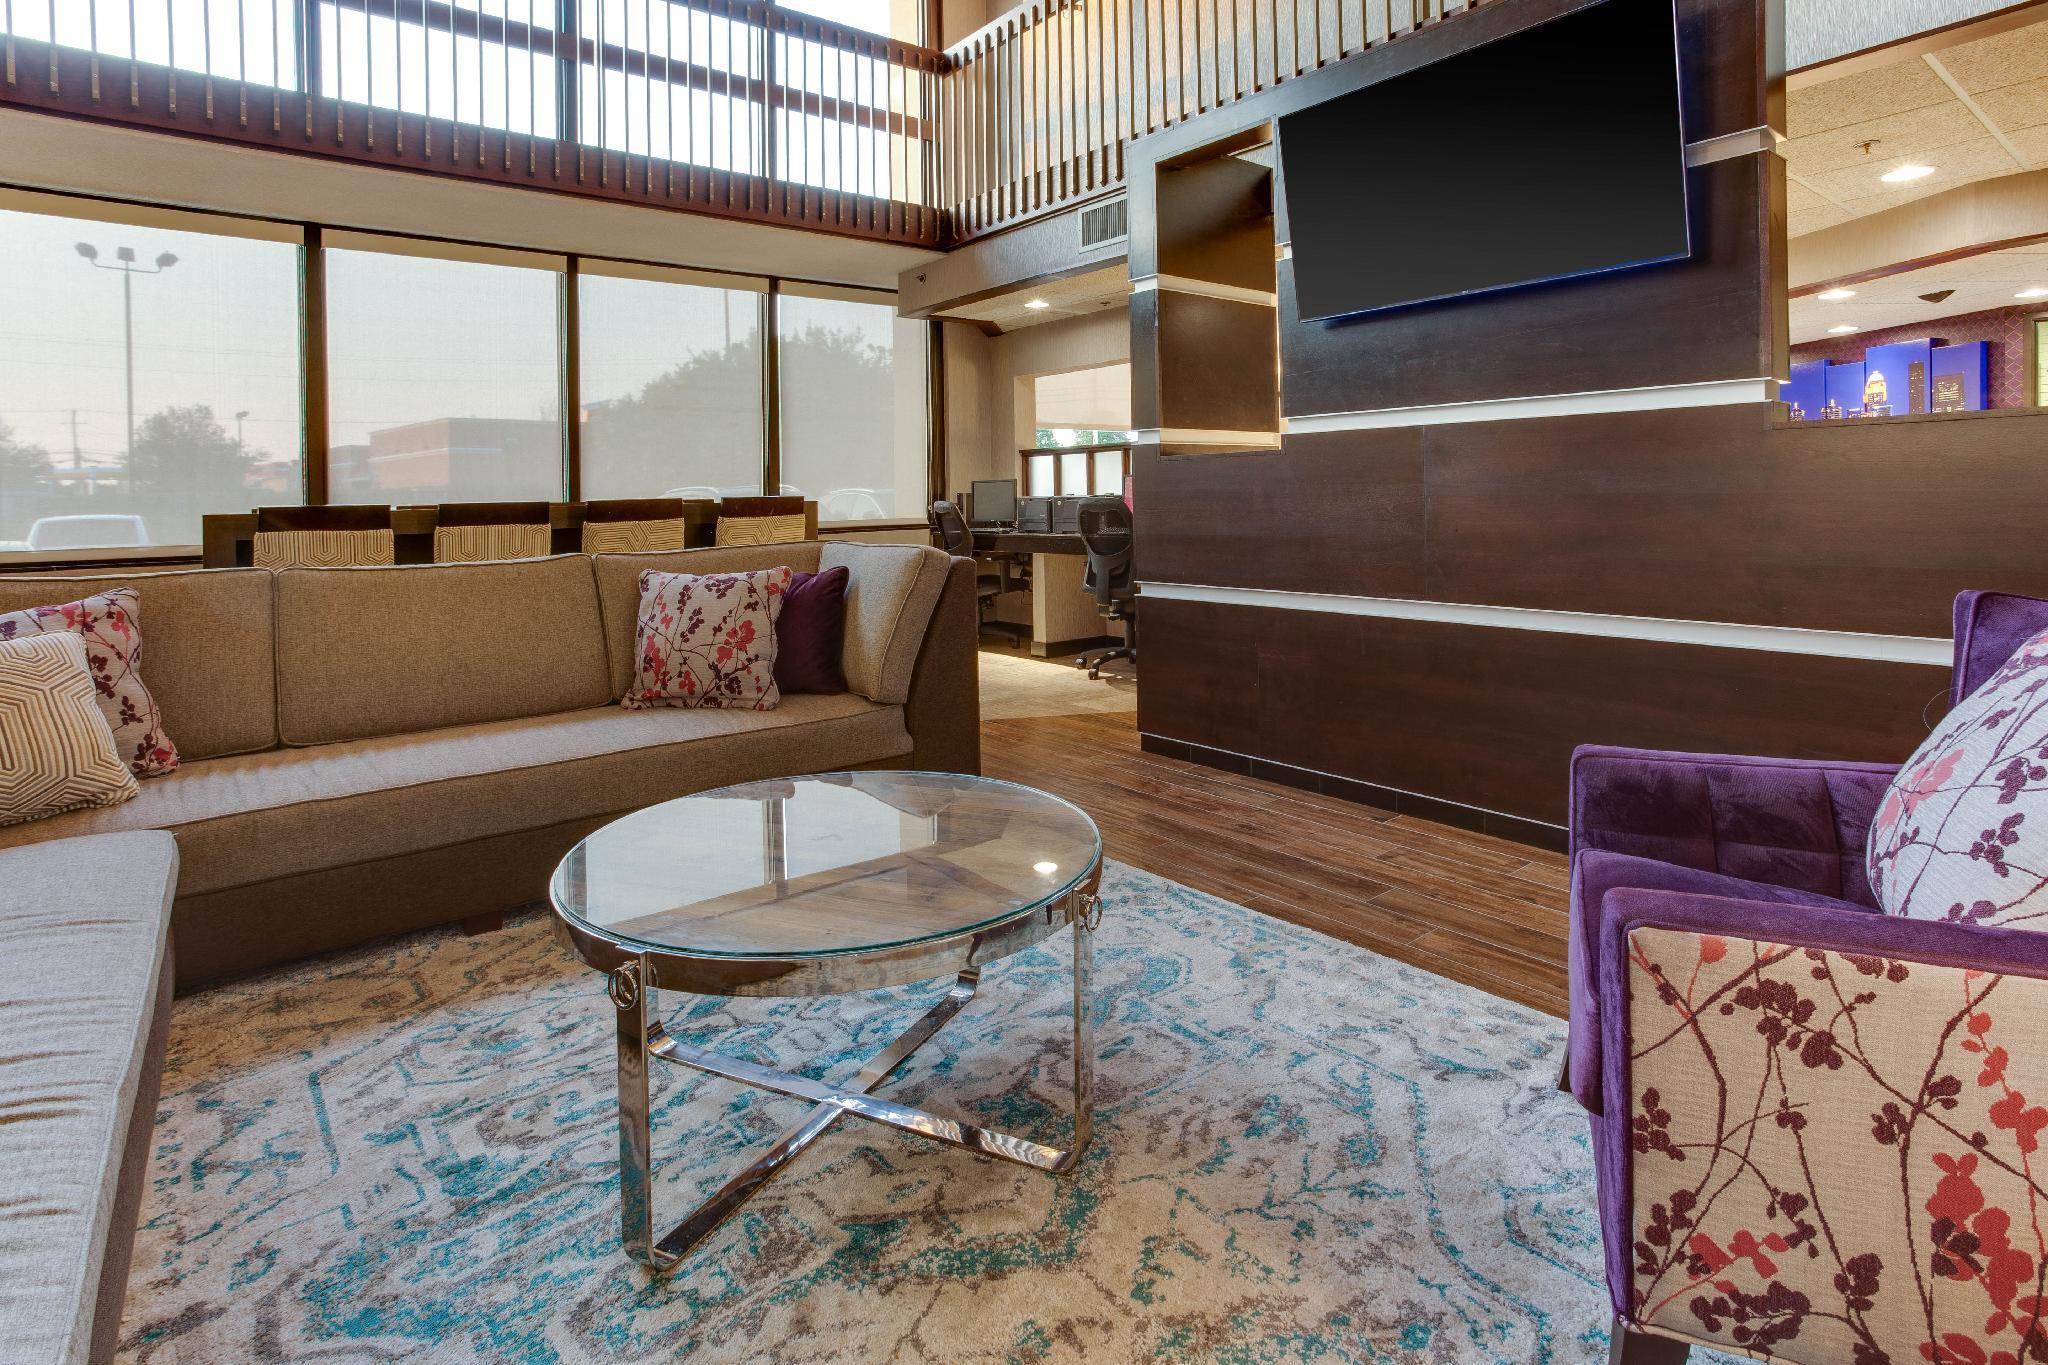 Drury Inn And Suites Louisville East